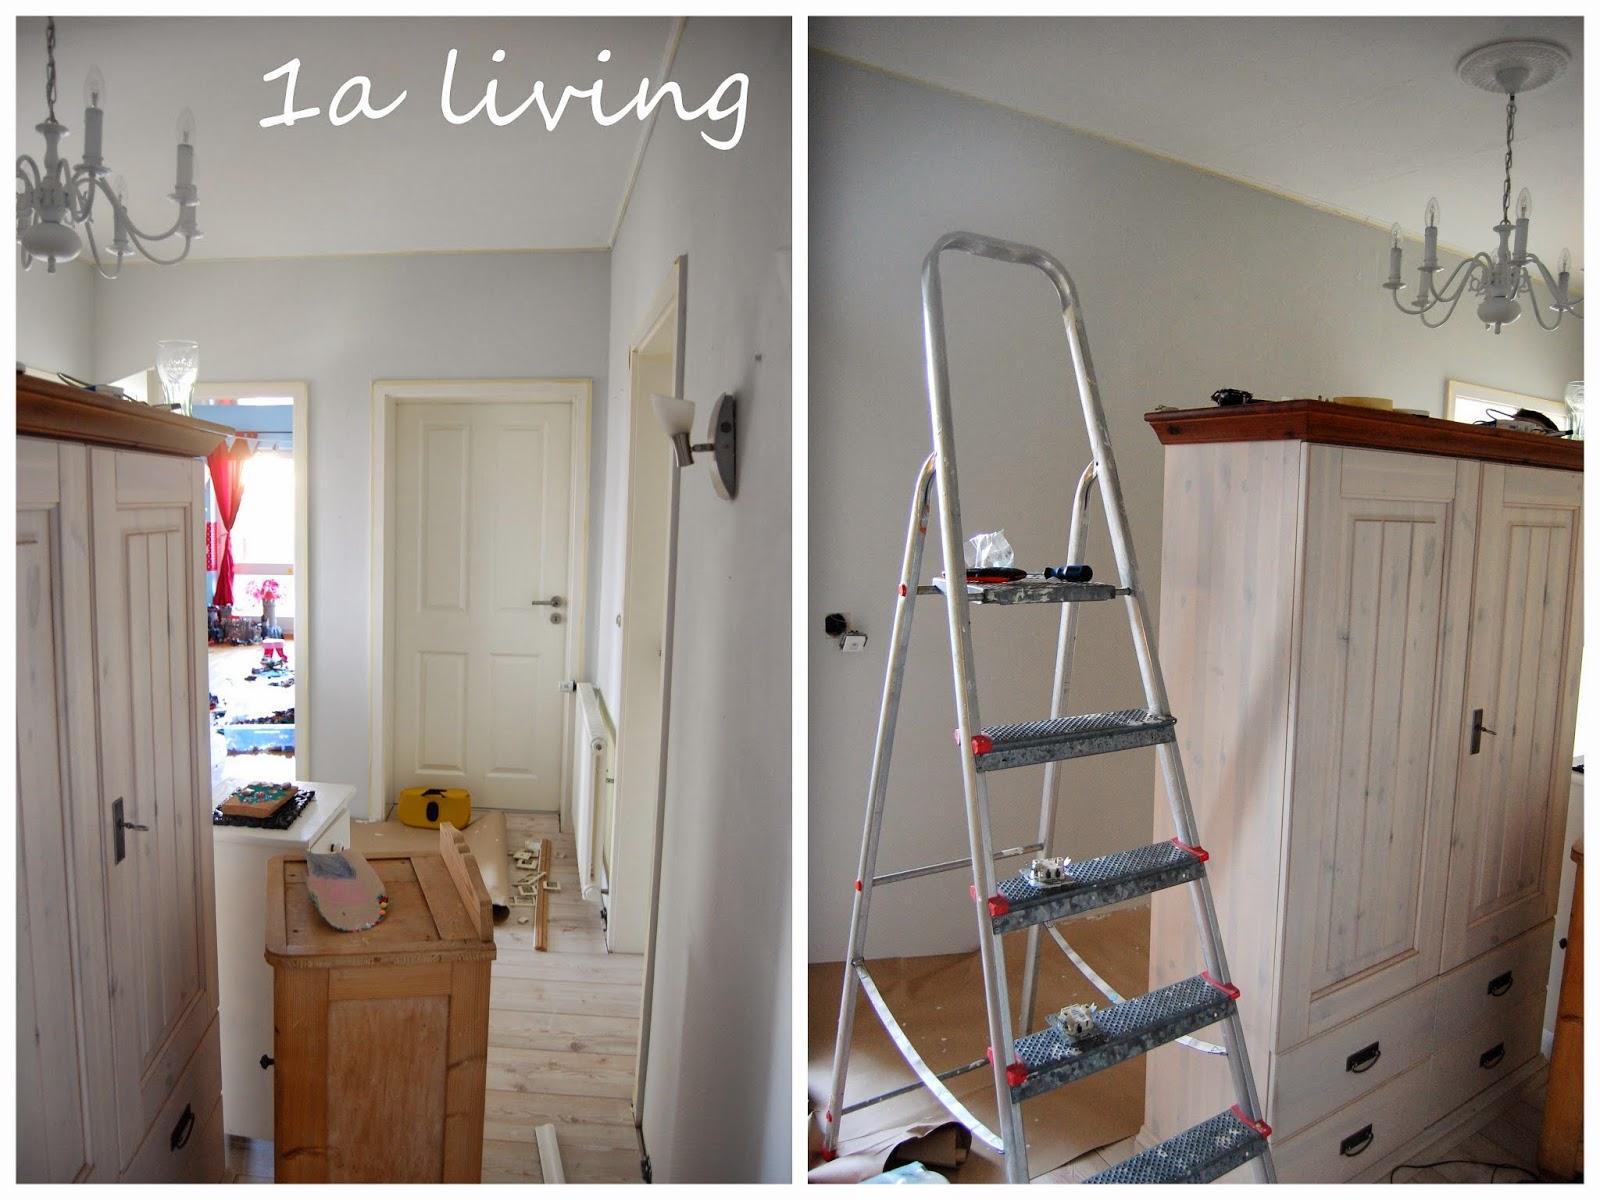 1a Living: Grau, Grau, Grau Sind Alle Meine Wände